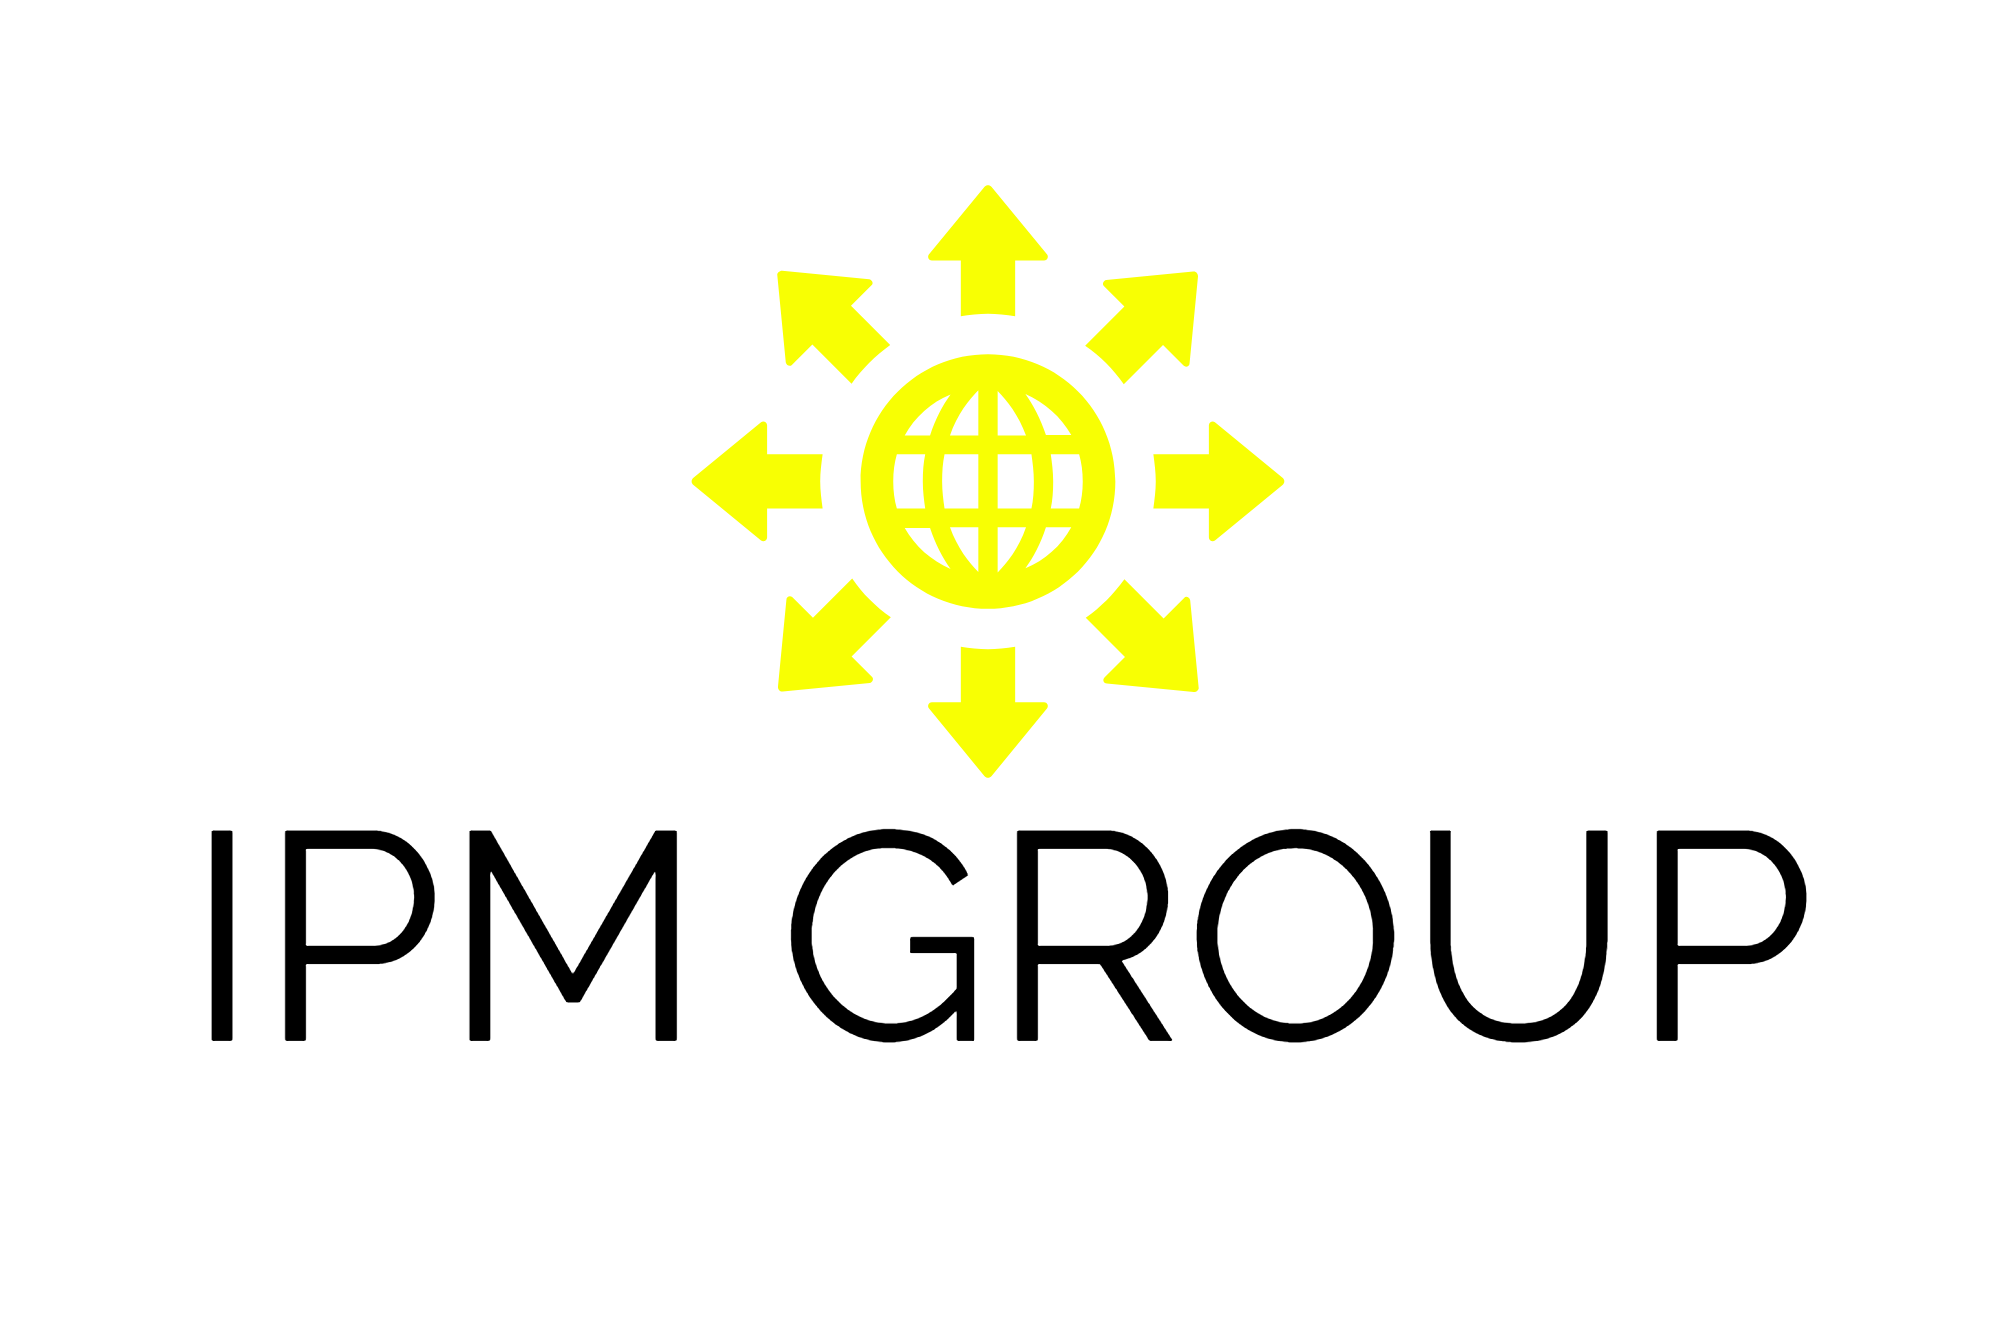 Разработка логотипа для управляющей компании фото f_6755f8311e0c057c.png